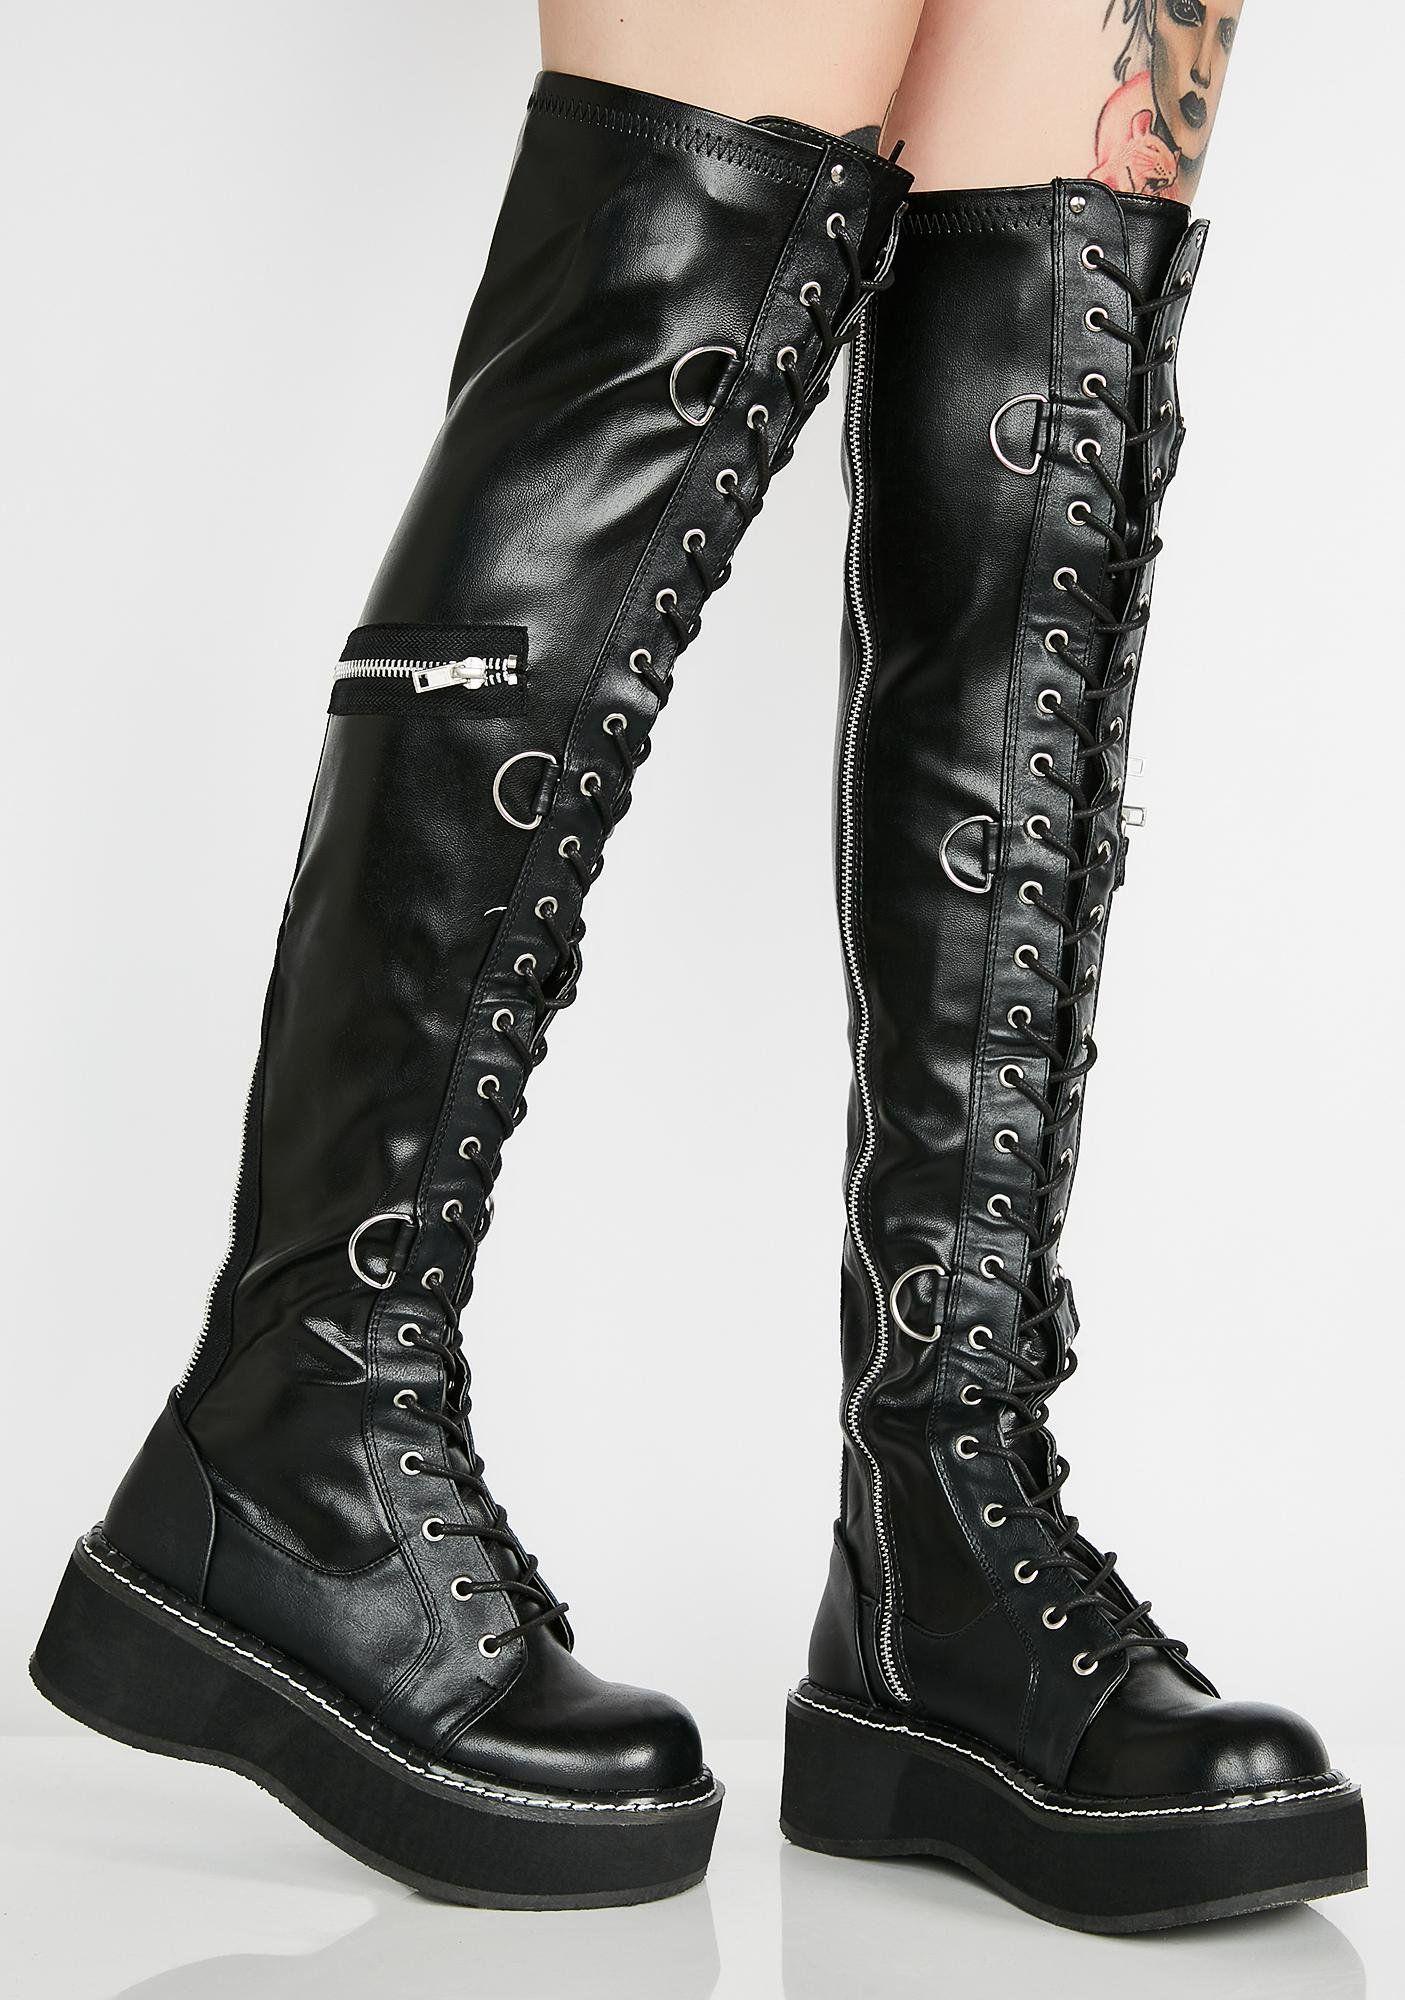 Authoritative answer, free boot bondage